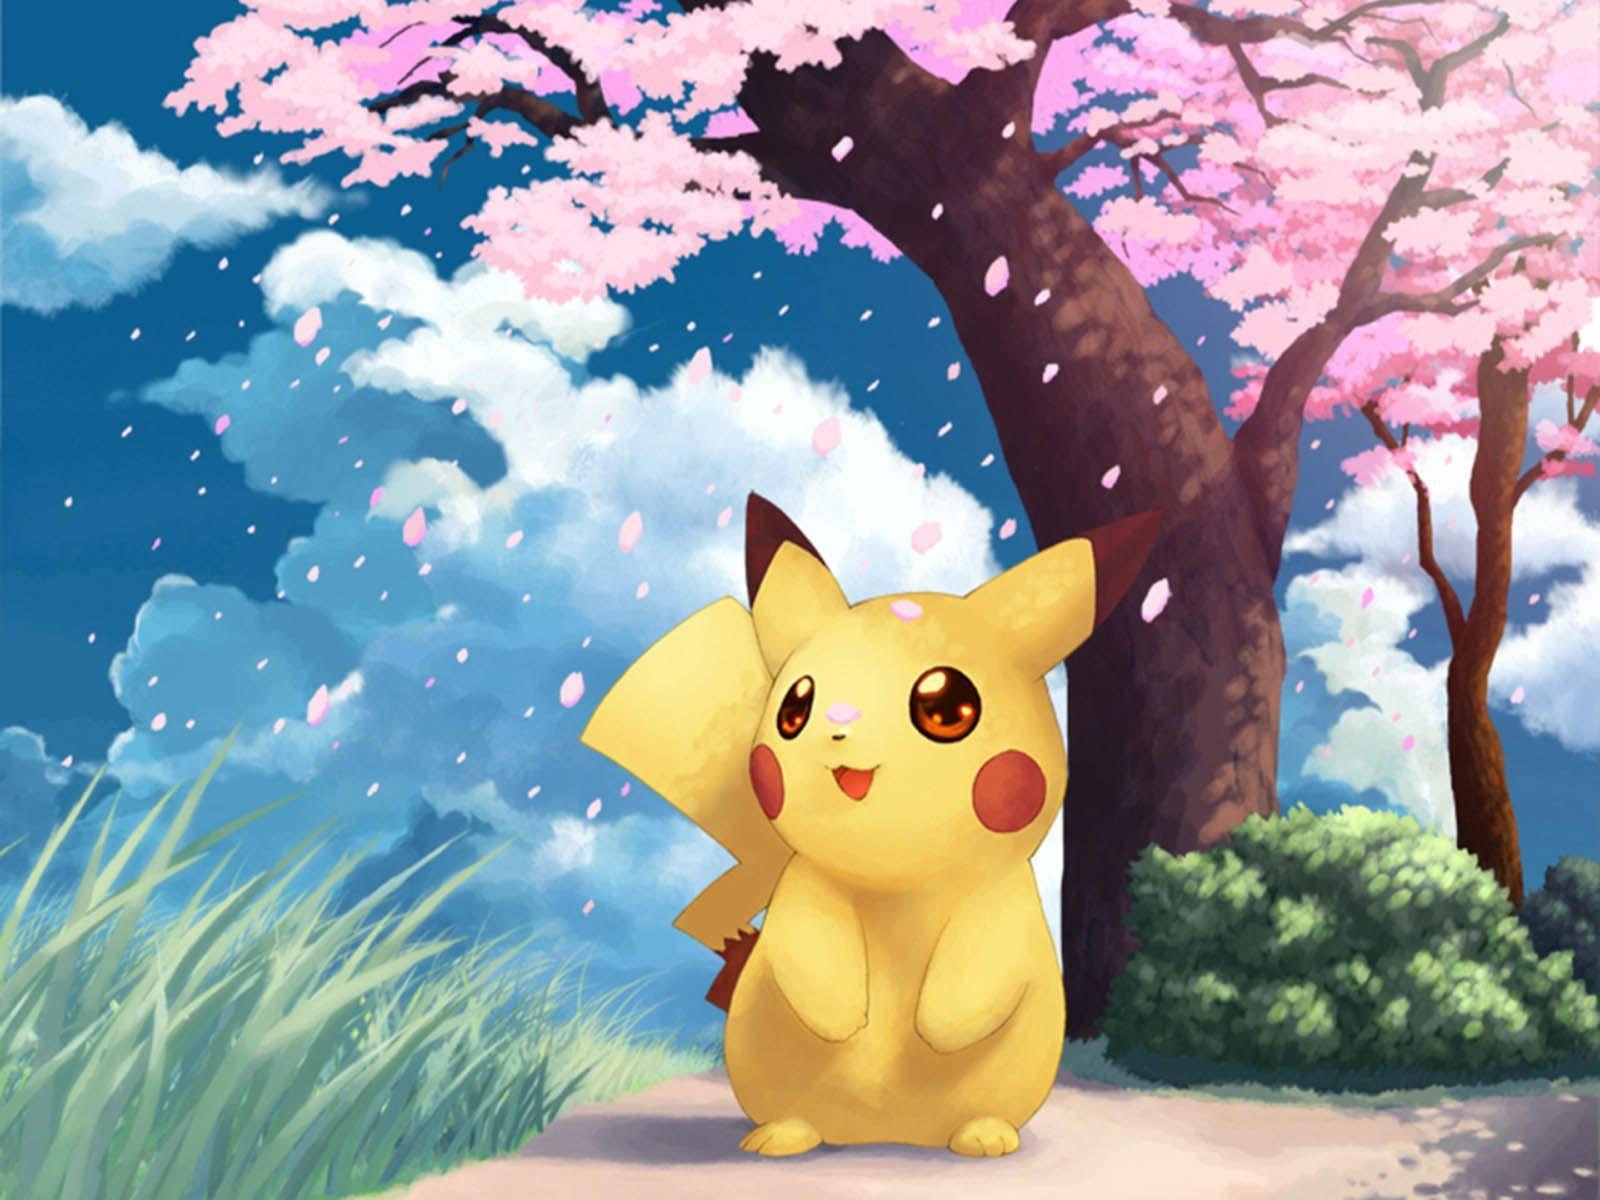 1600x1200 Bộ sưu tập hàng ngàn Hình nền Pikachu dễ thương miễn phí từ khắp nơi